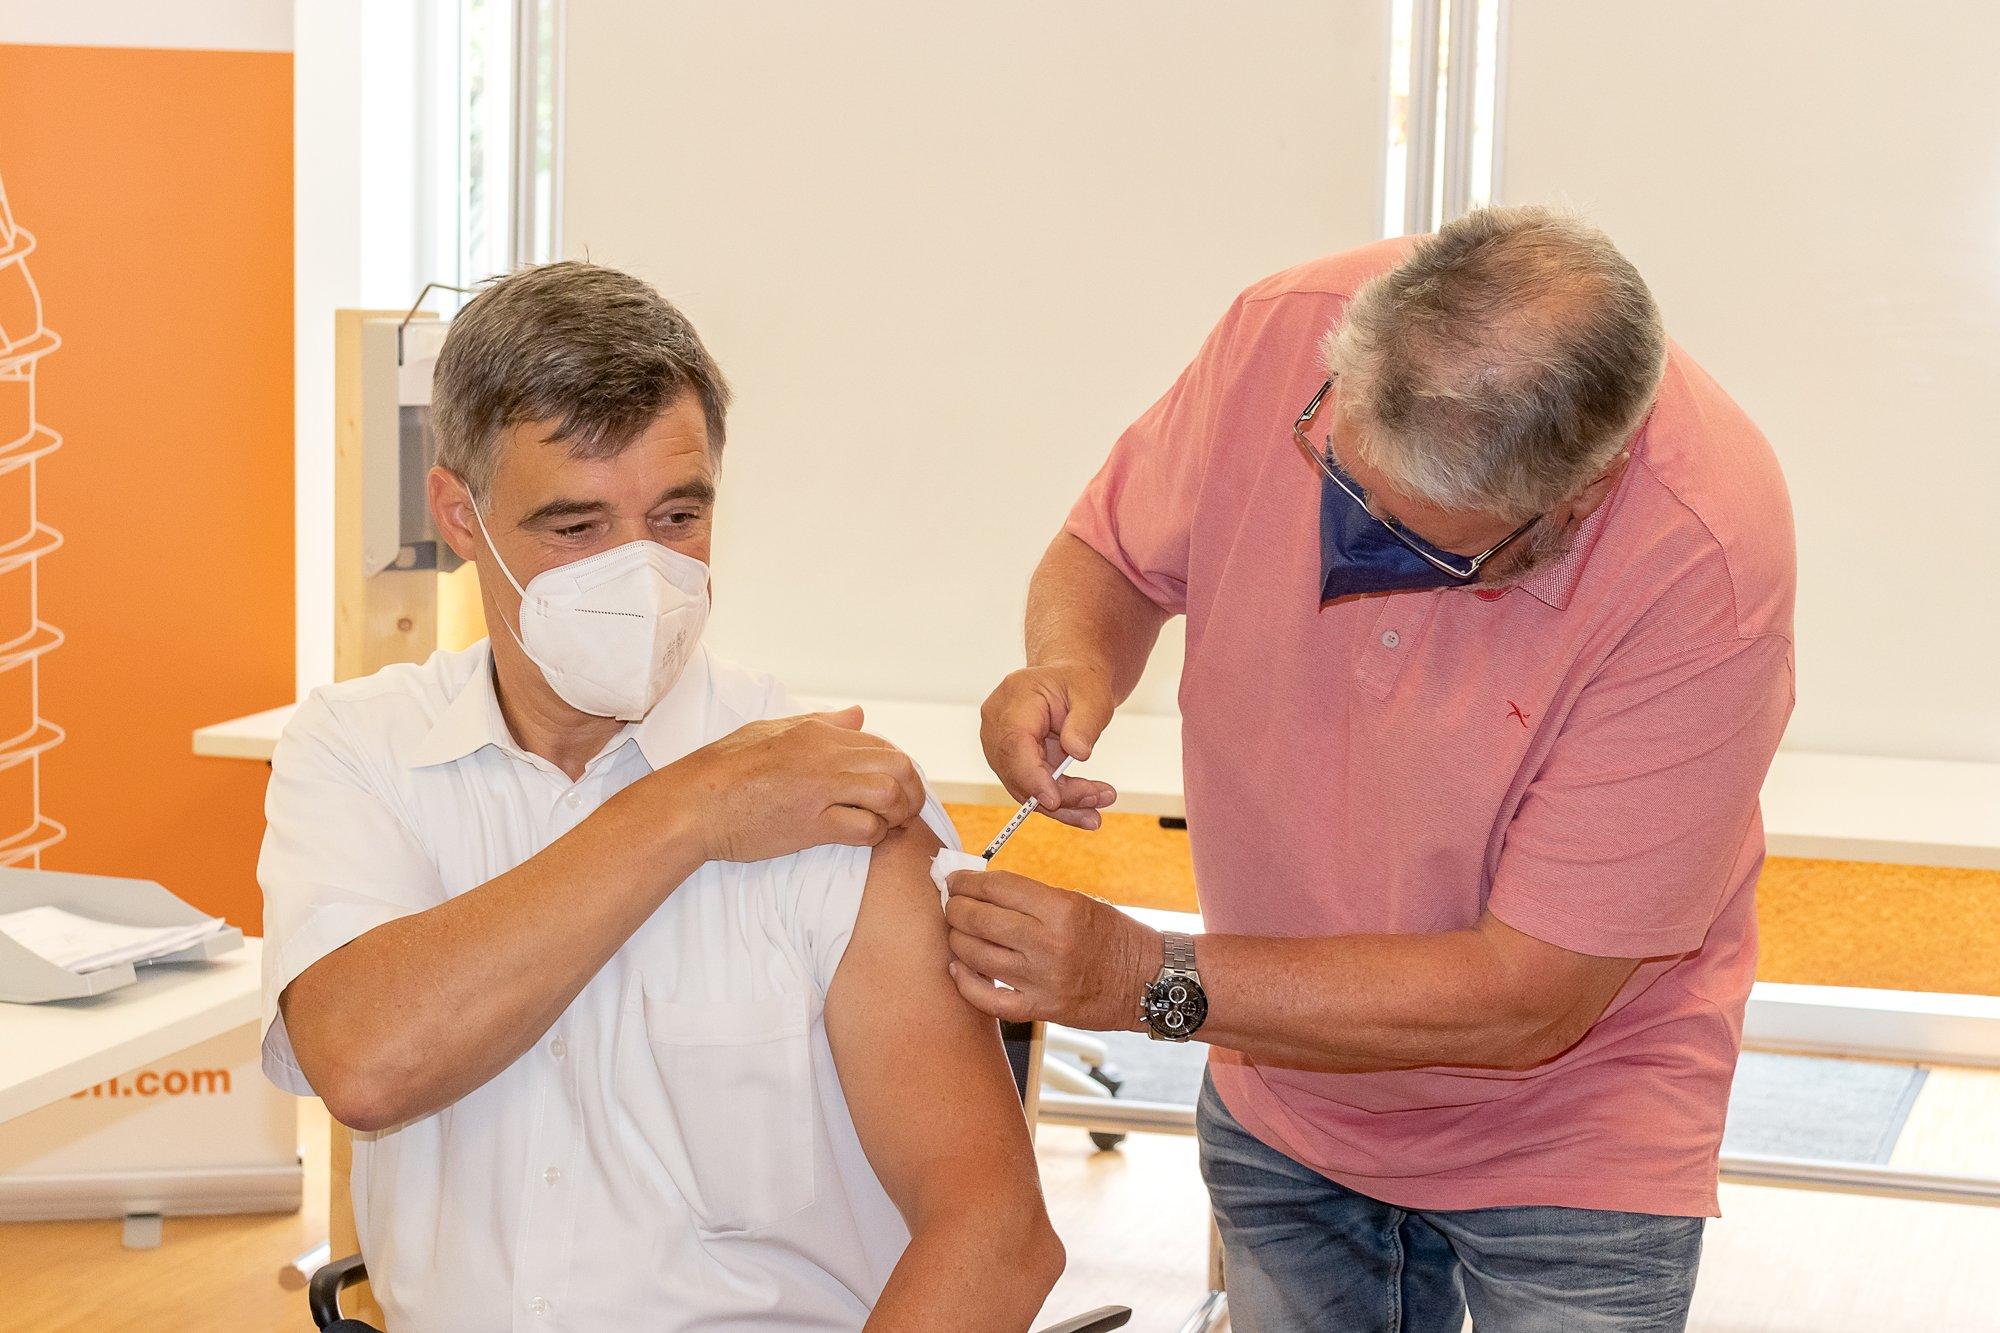 HECO-Geschäftsführer Achim Carstanjen und Dr. med. Argast zeigen: Der Impfstart bei HECO hat begonnen. Foto: HECO-Schrauben